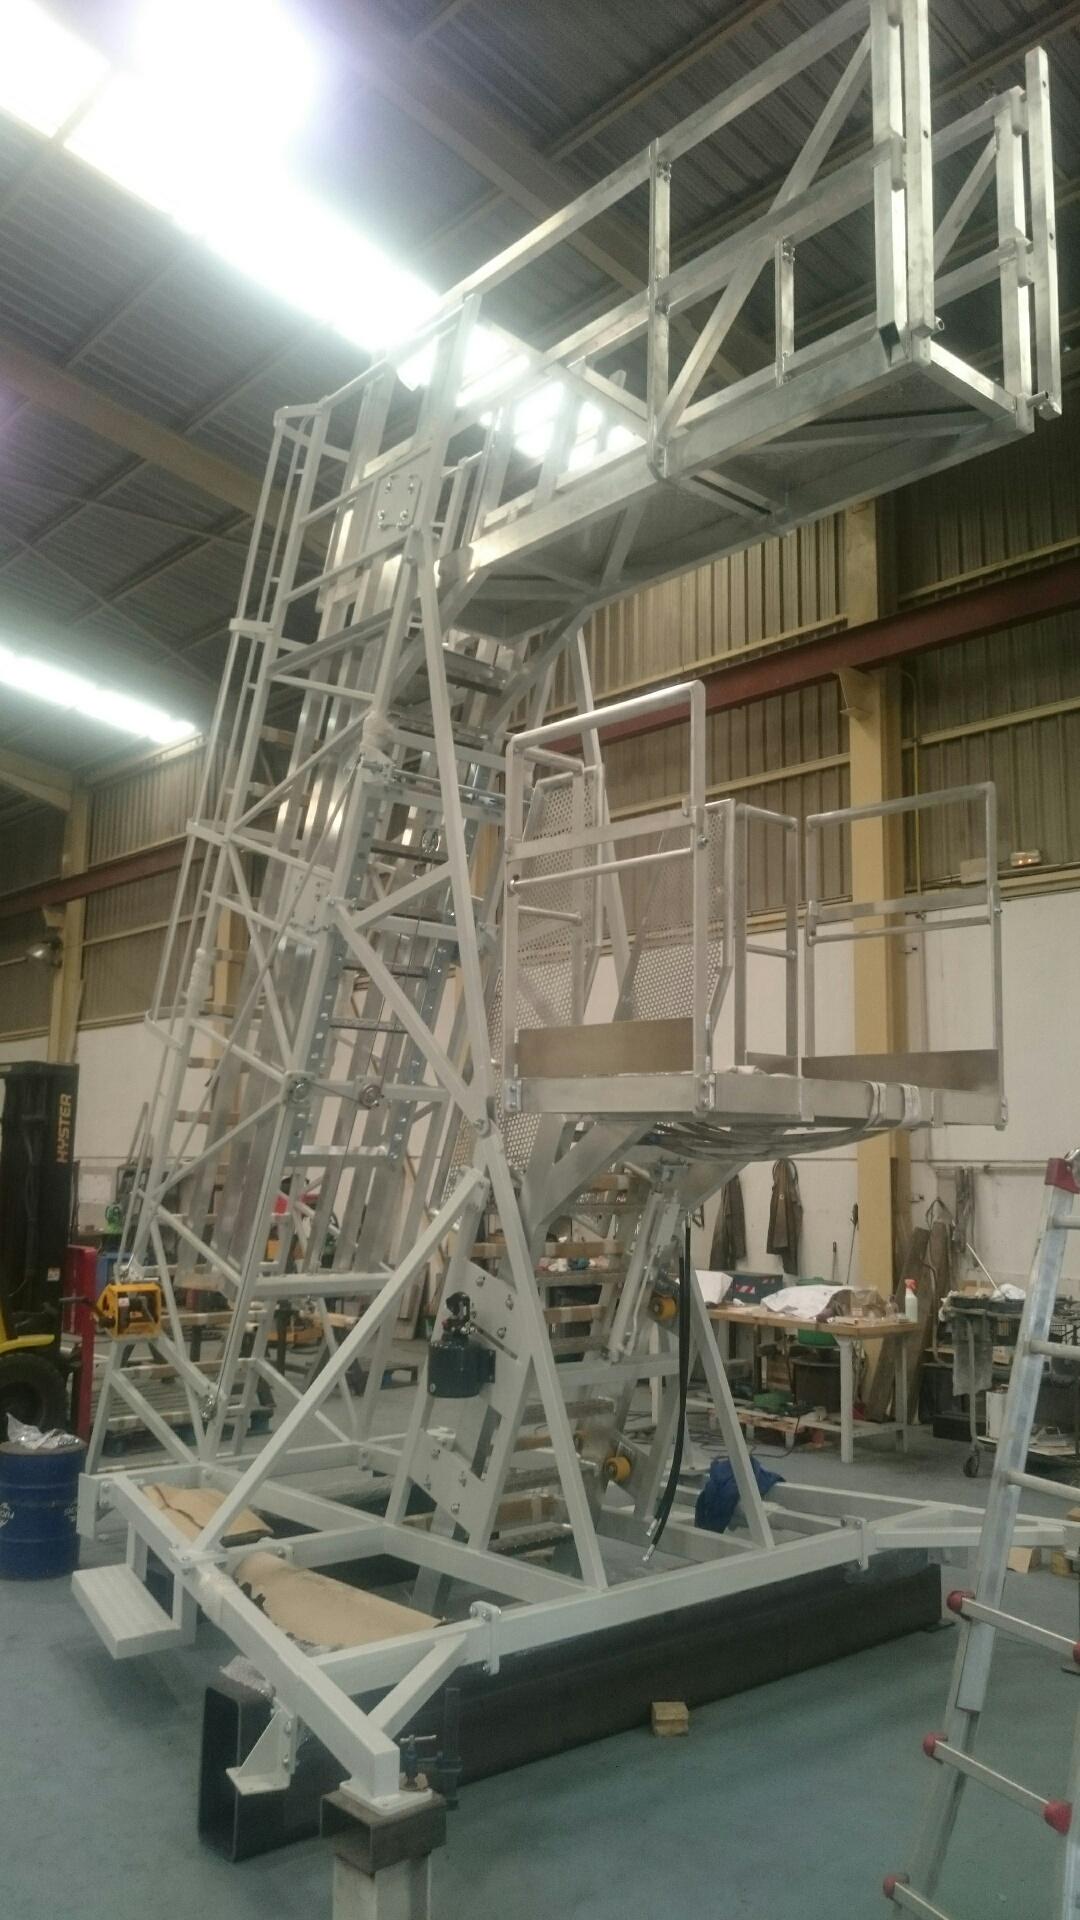 DSC 4576 - Metalwork and Welding